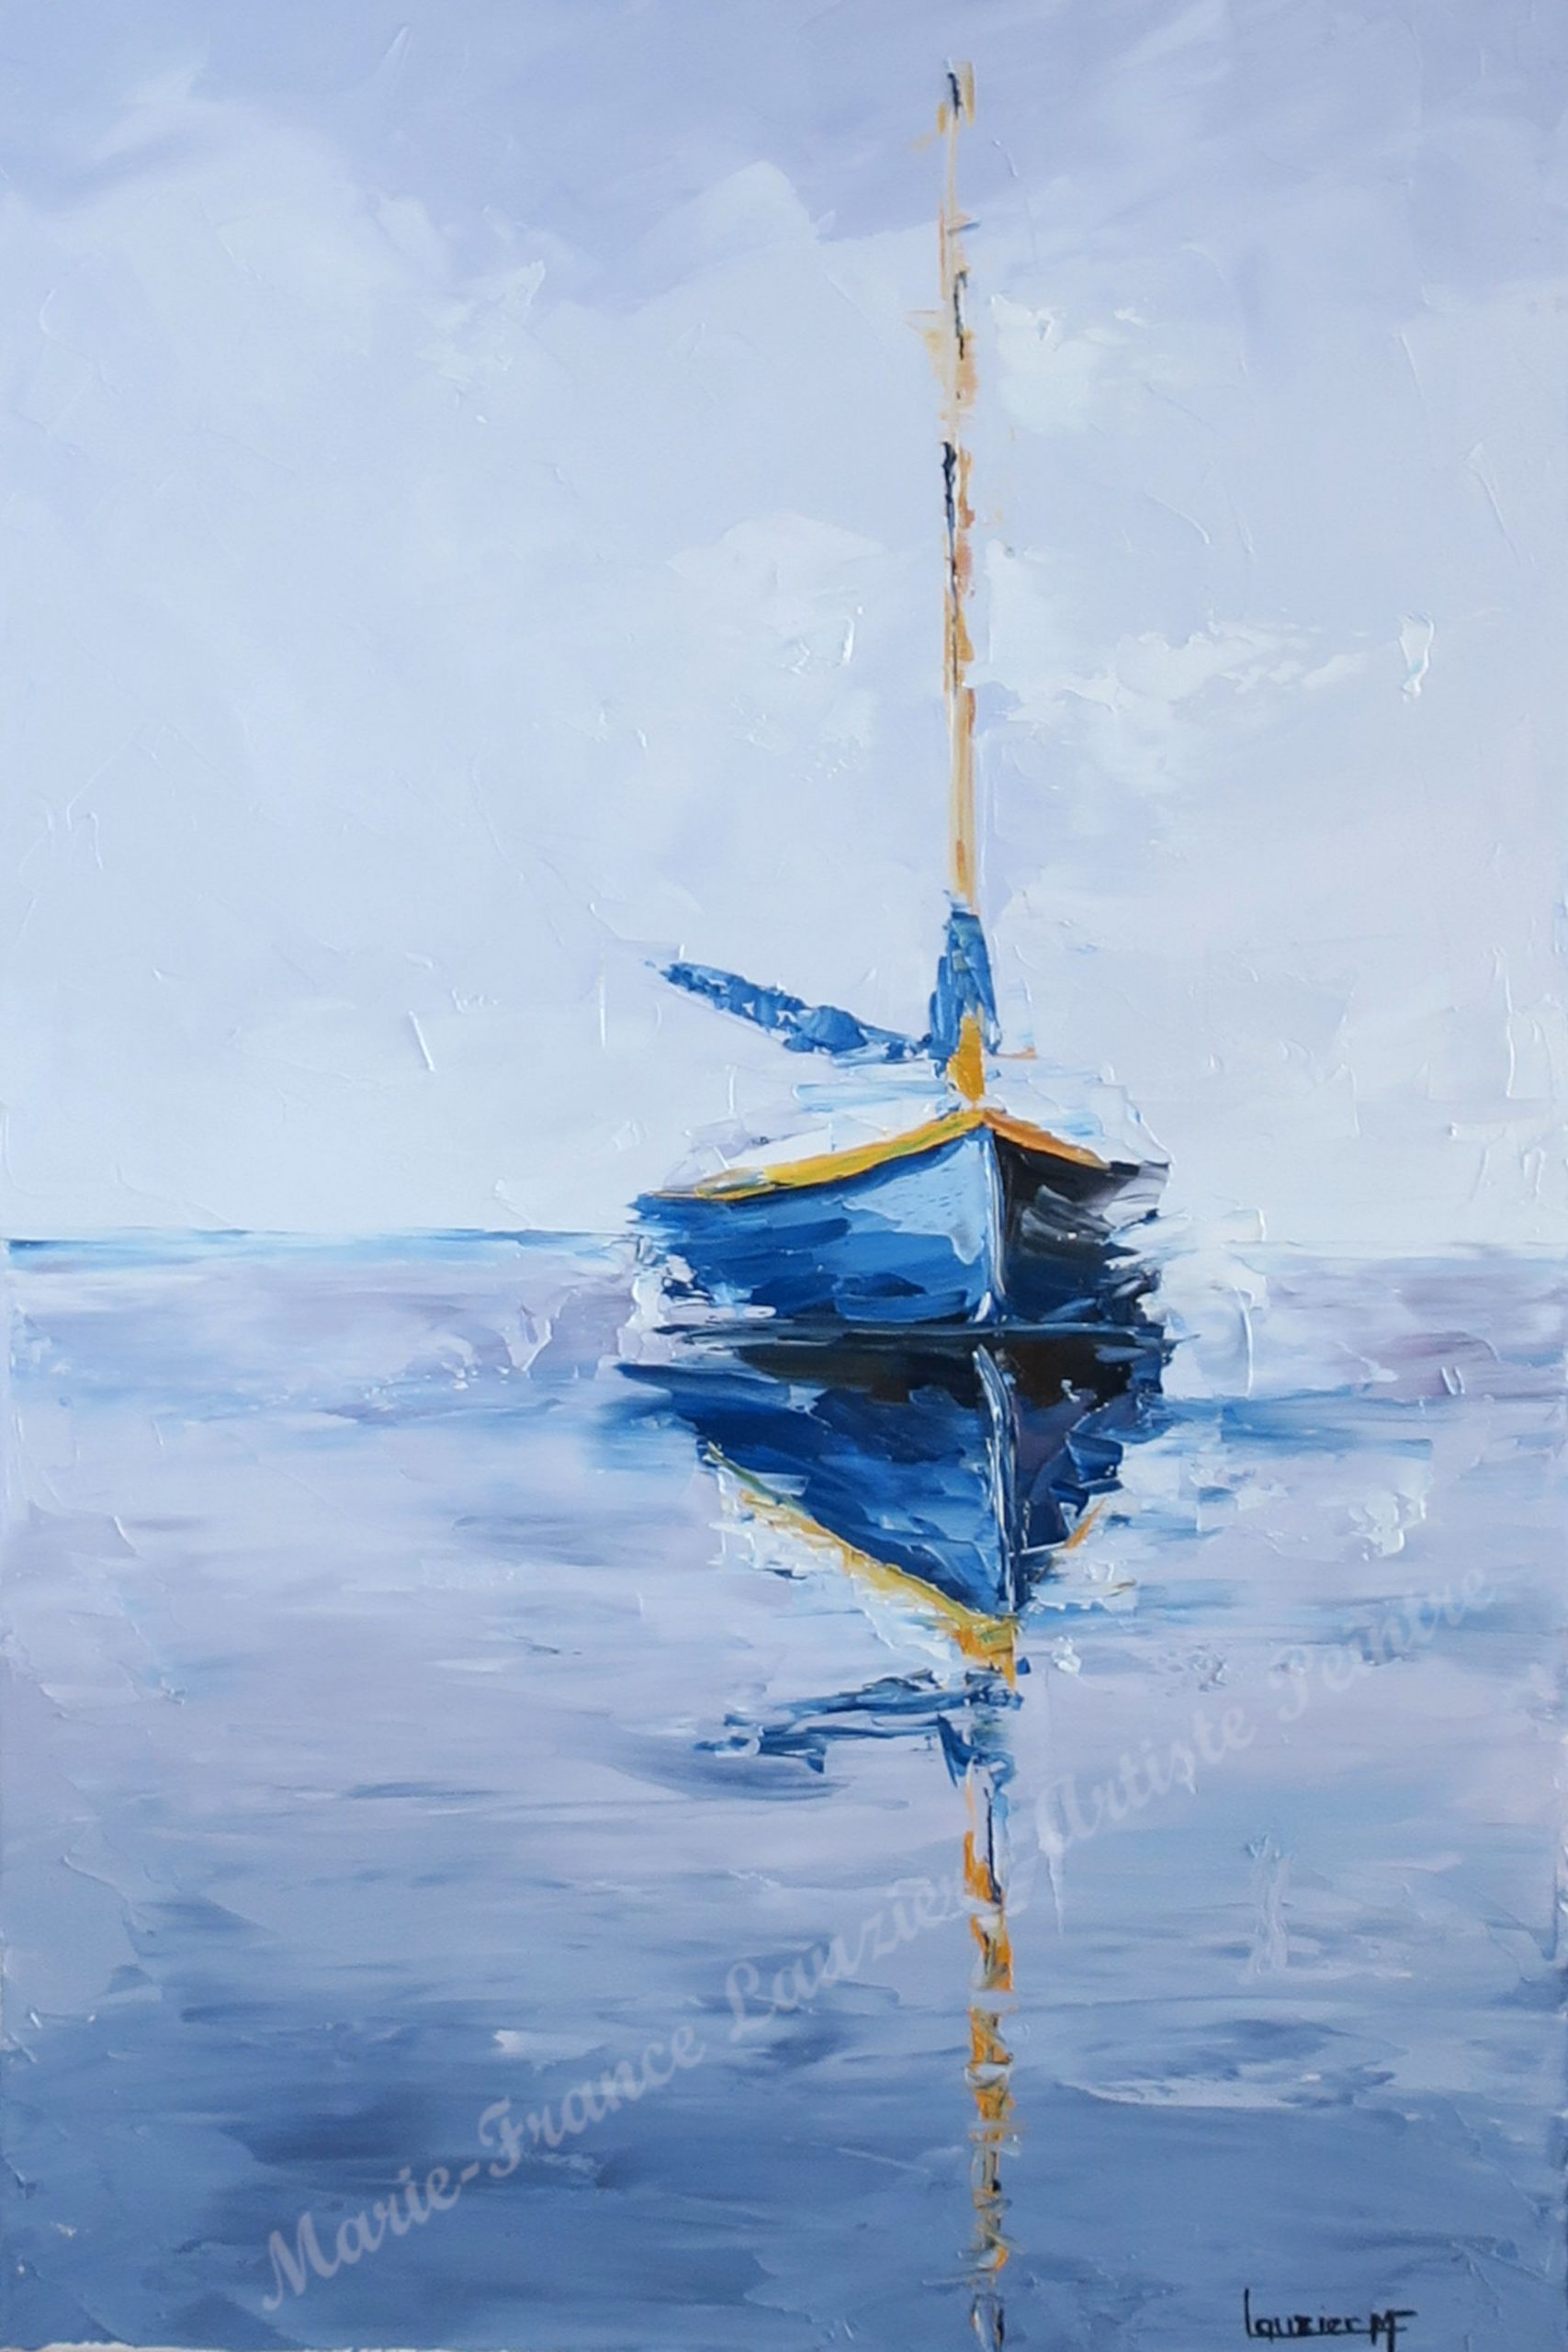 """Mirage _ Huile sur toile 24""""x16"""" _ Marie-France Lauzier Petit voilier bleu se rpojetant dans l'eau"""